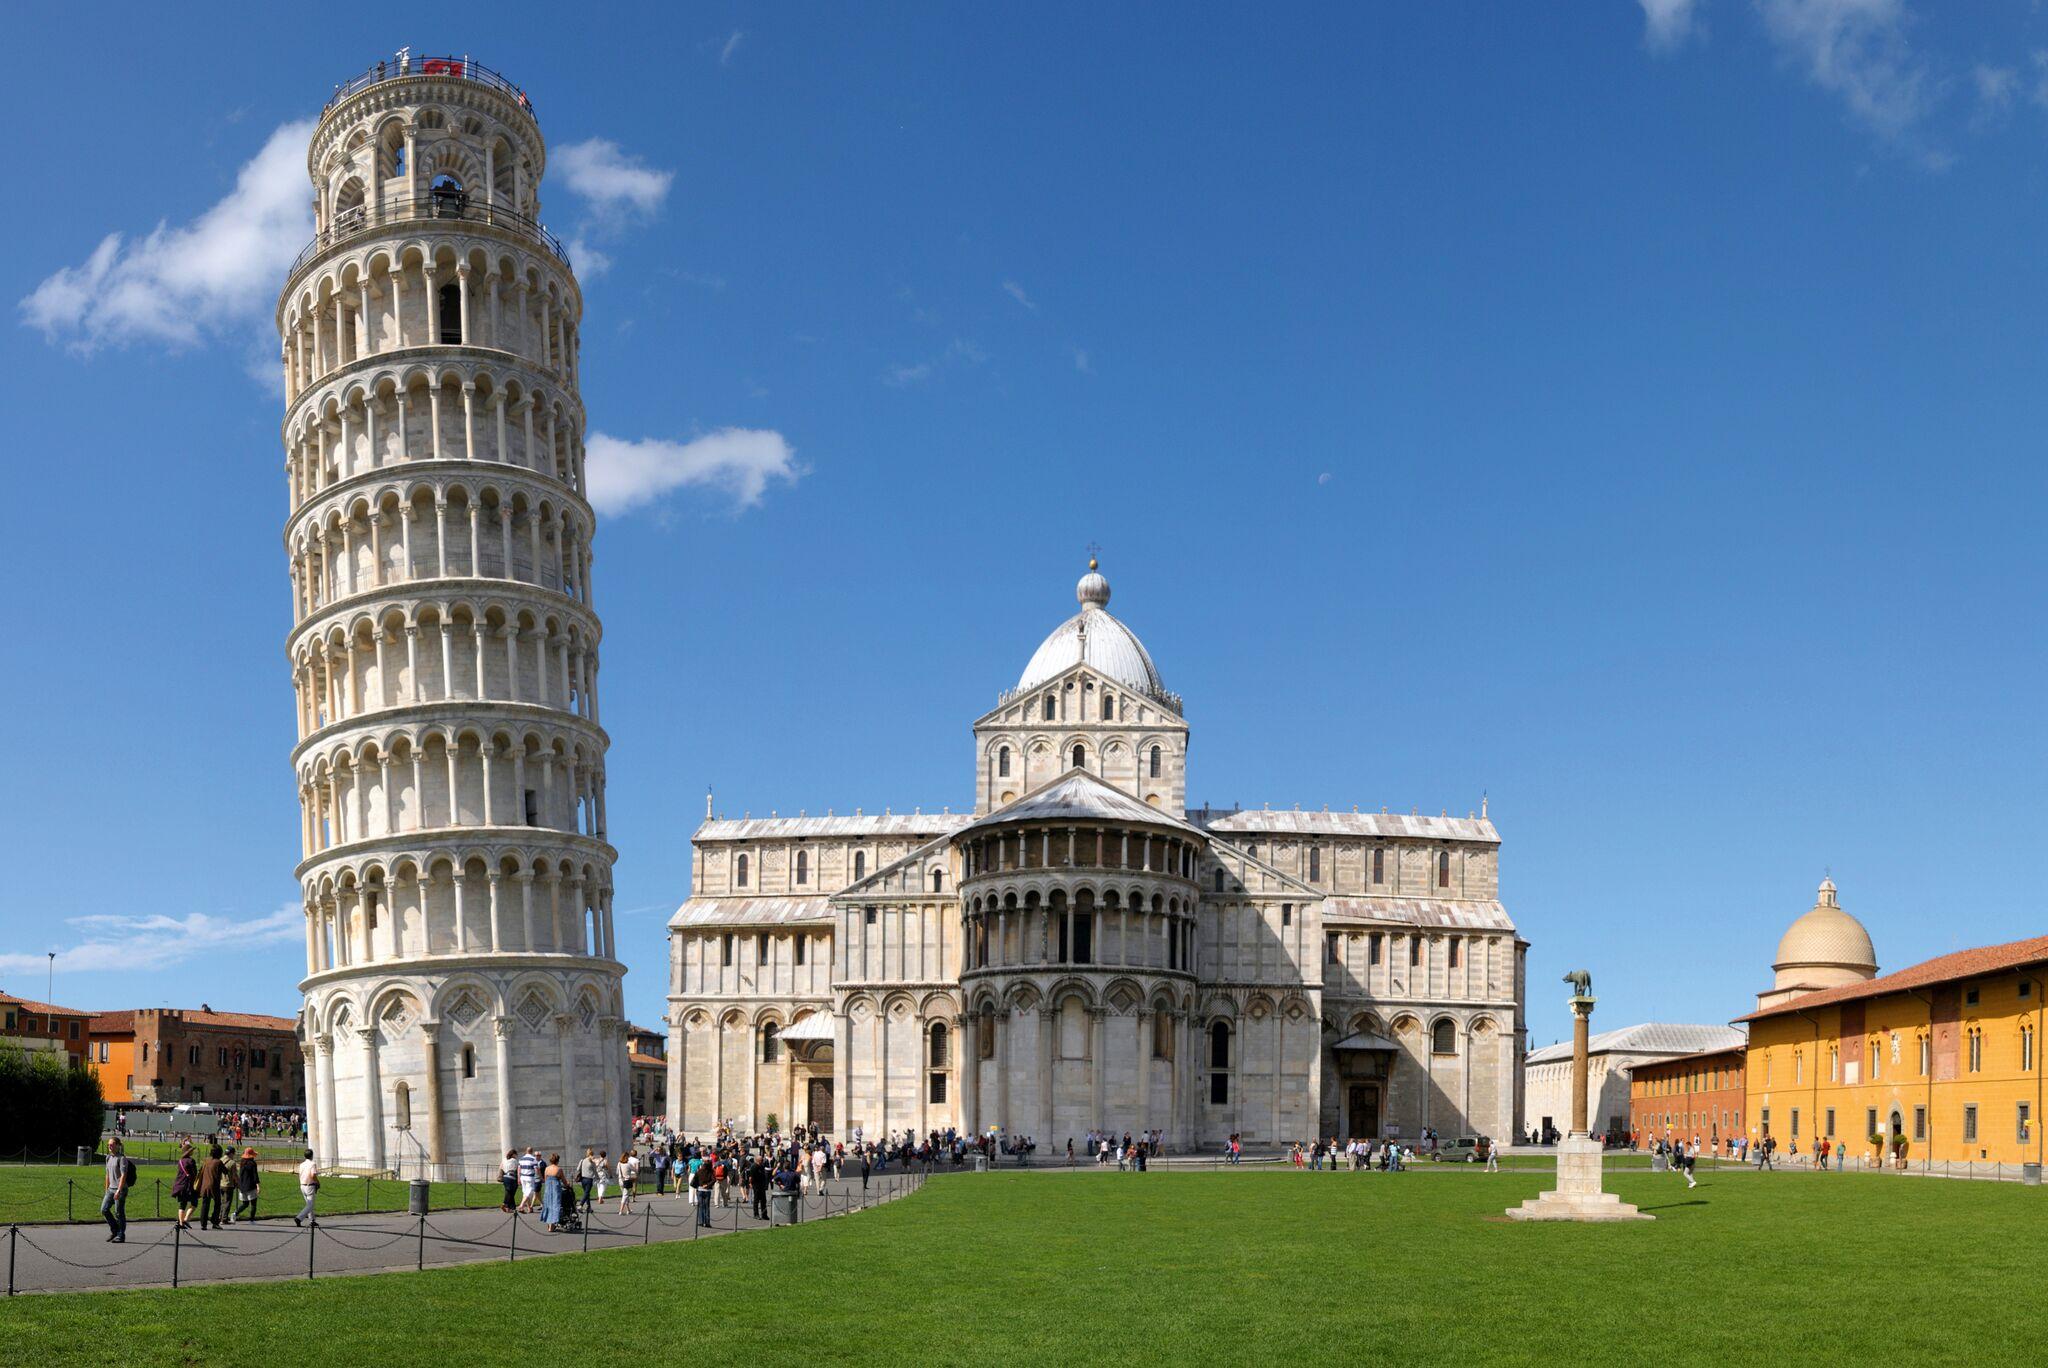 Toscana-schiefe Turm von Pisa.jpg